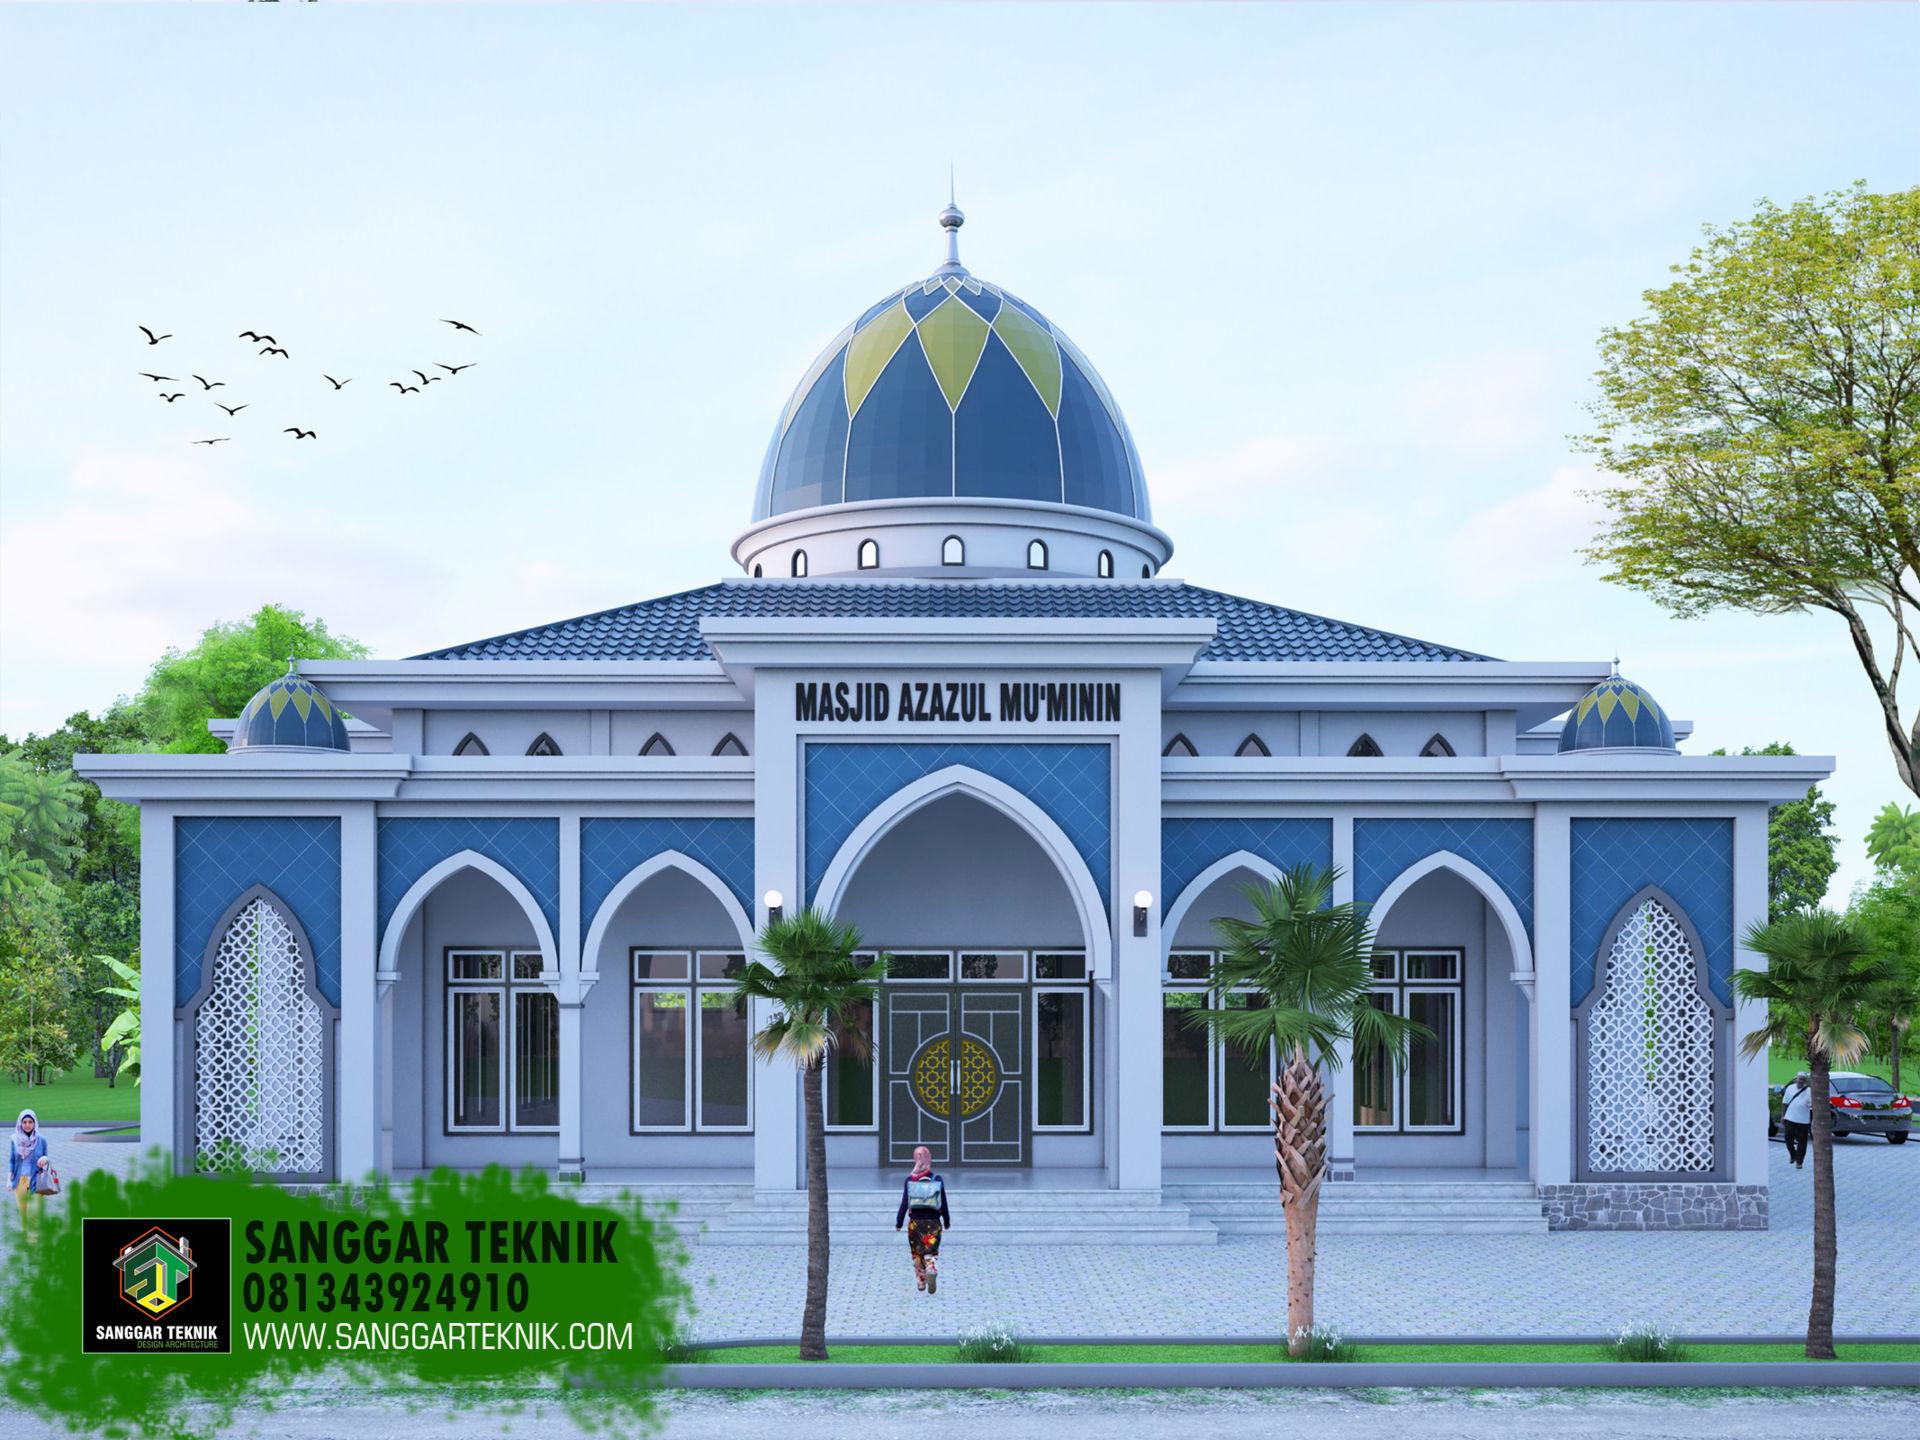 Desain Masjid Minimalis Modern 20x20 1 Lantai Sanggar Teknik Masjid minimalis modern